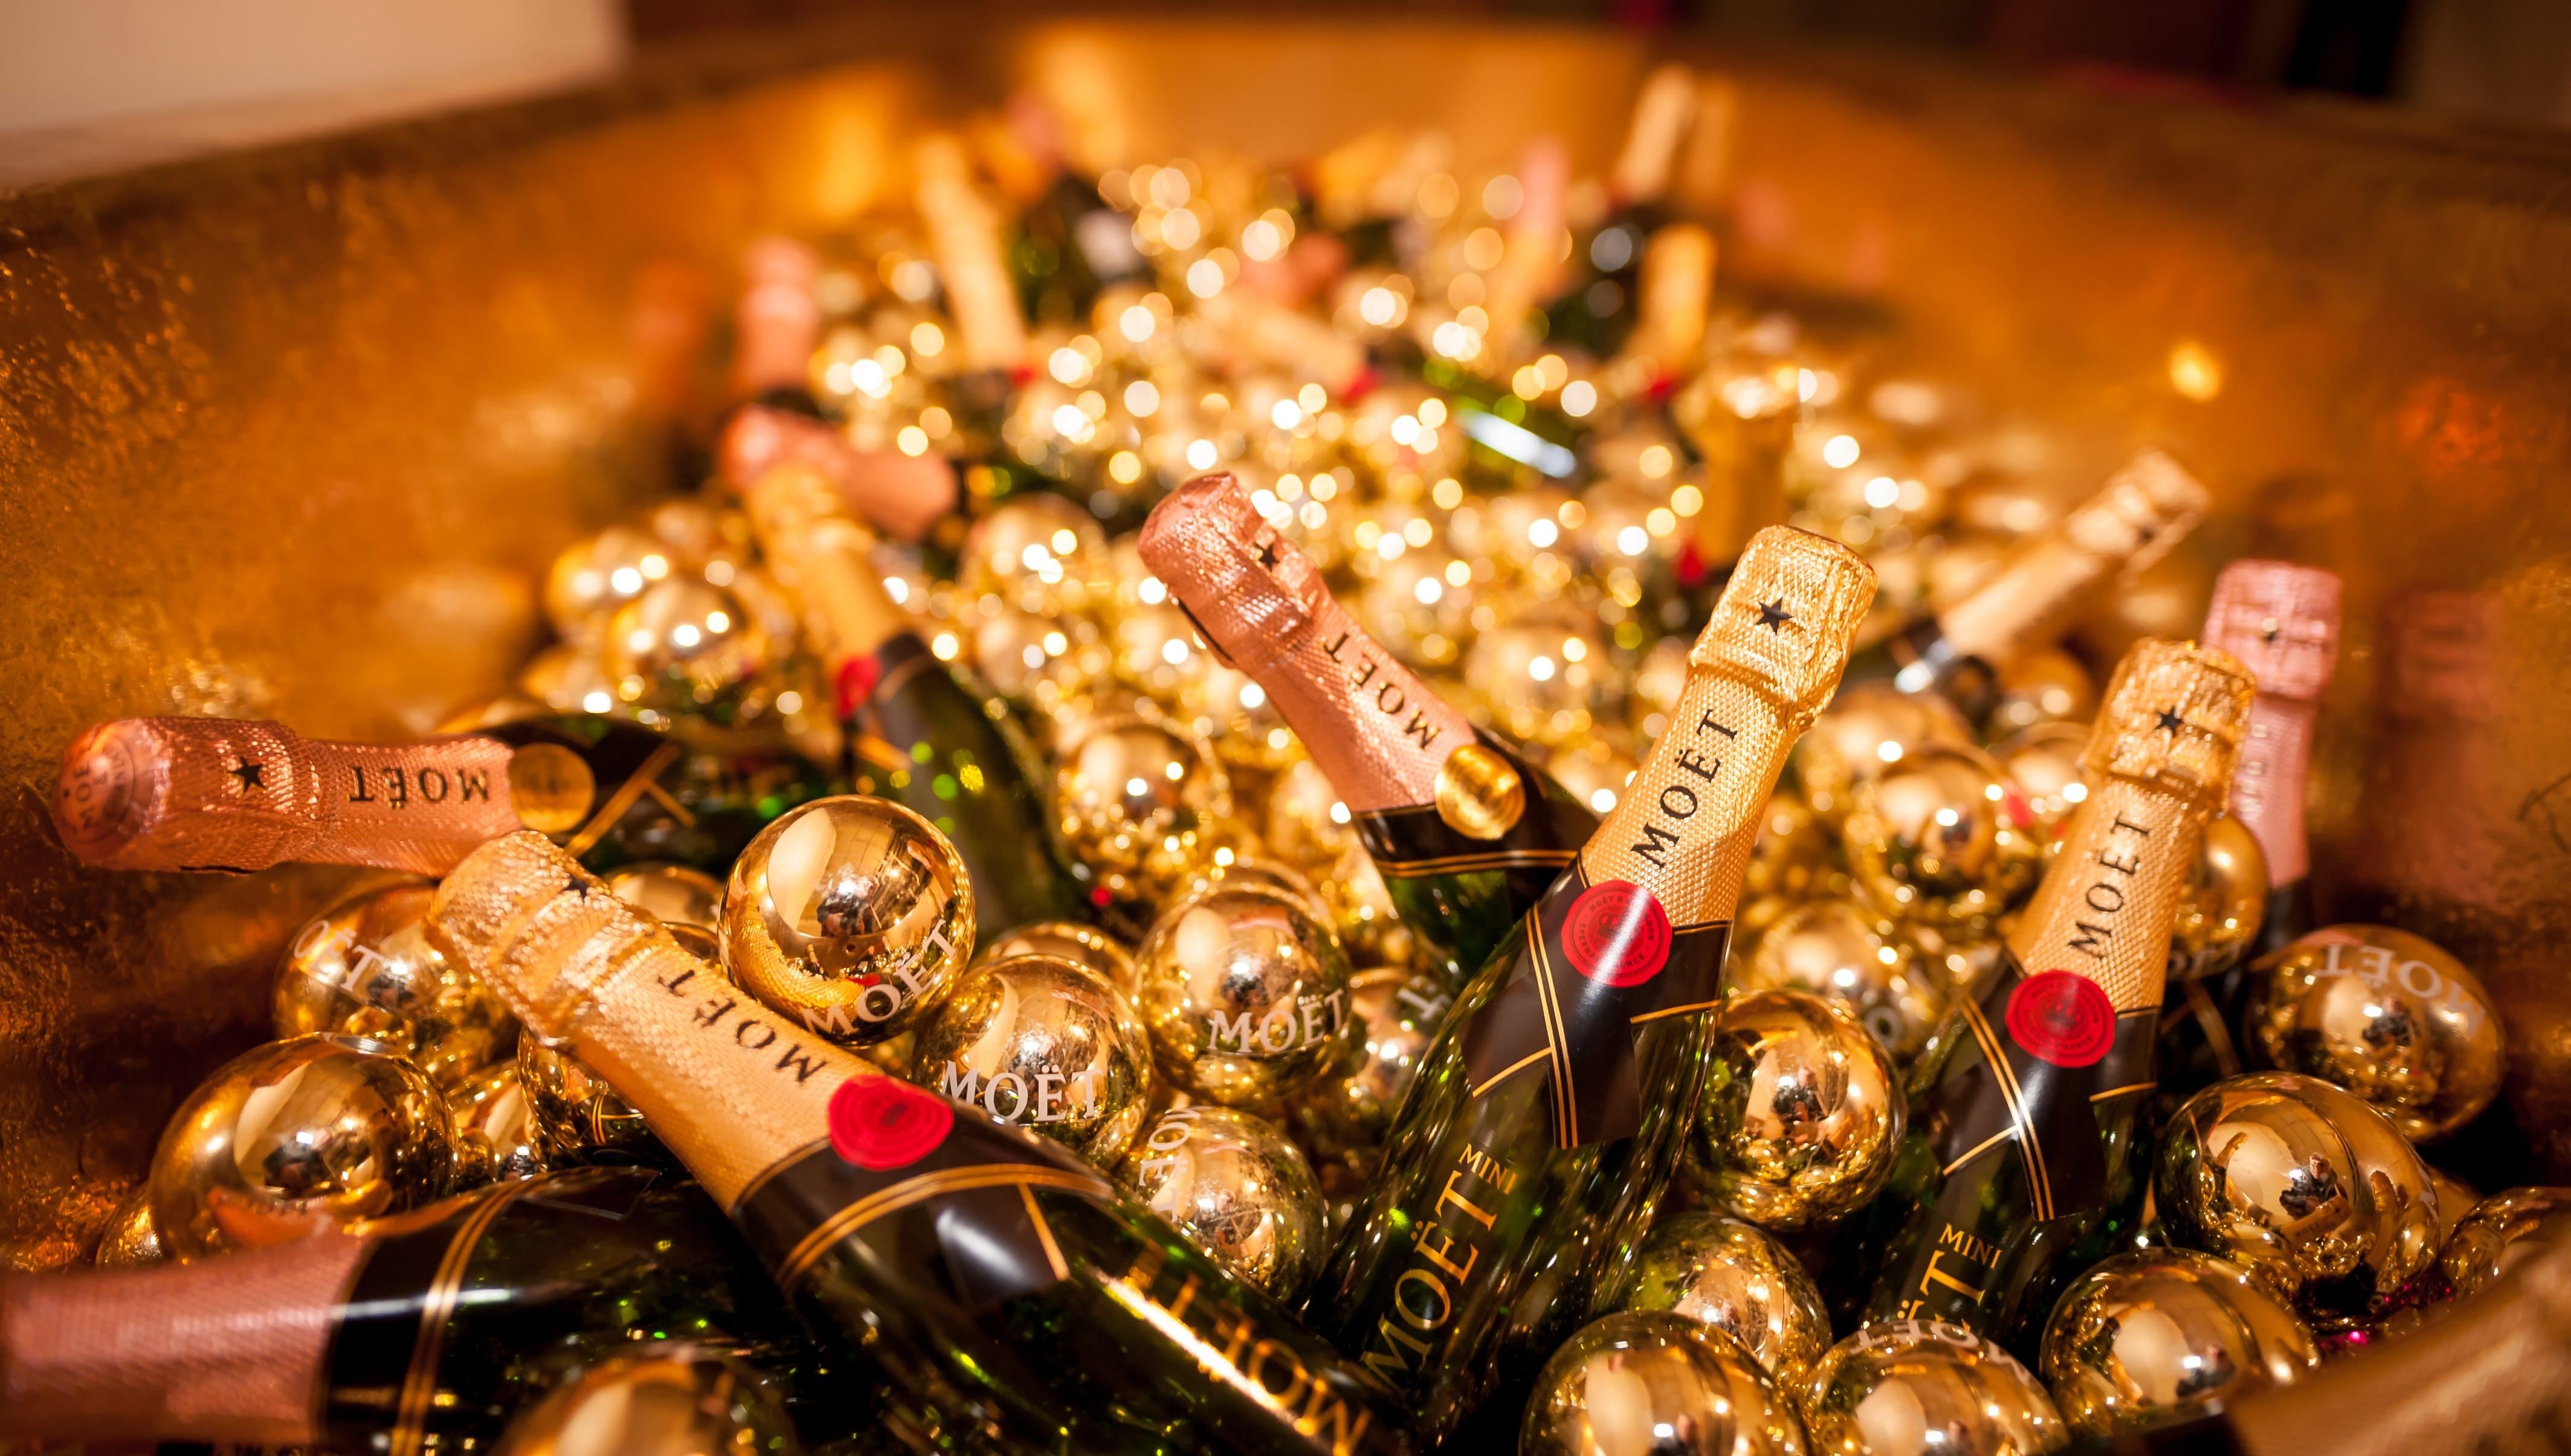 Photo of Liquor Bottles